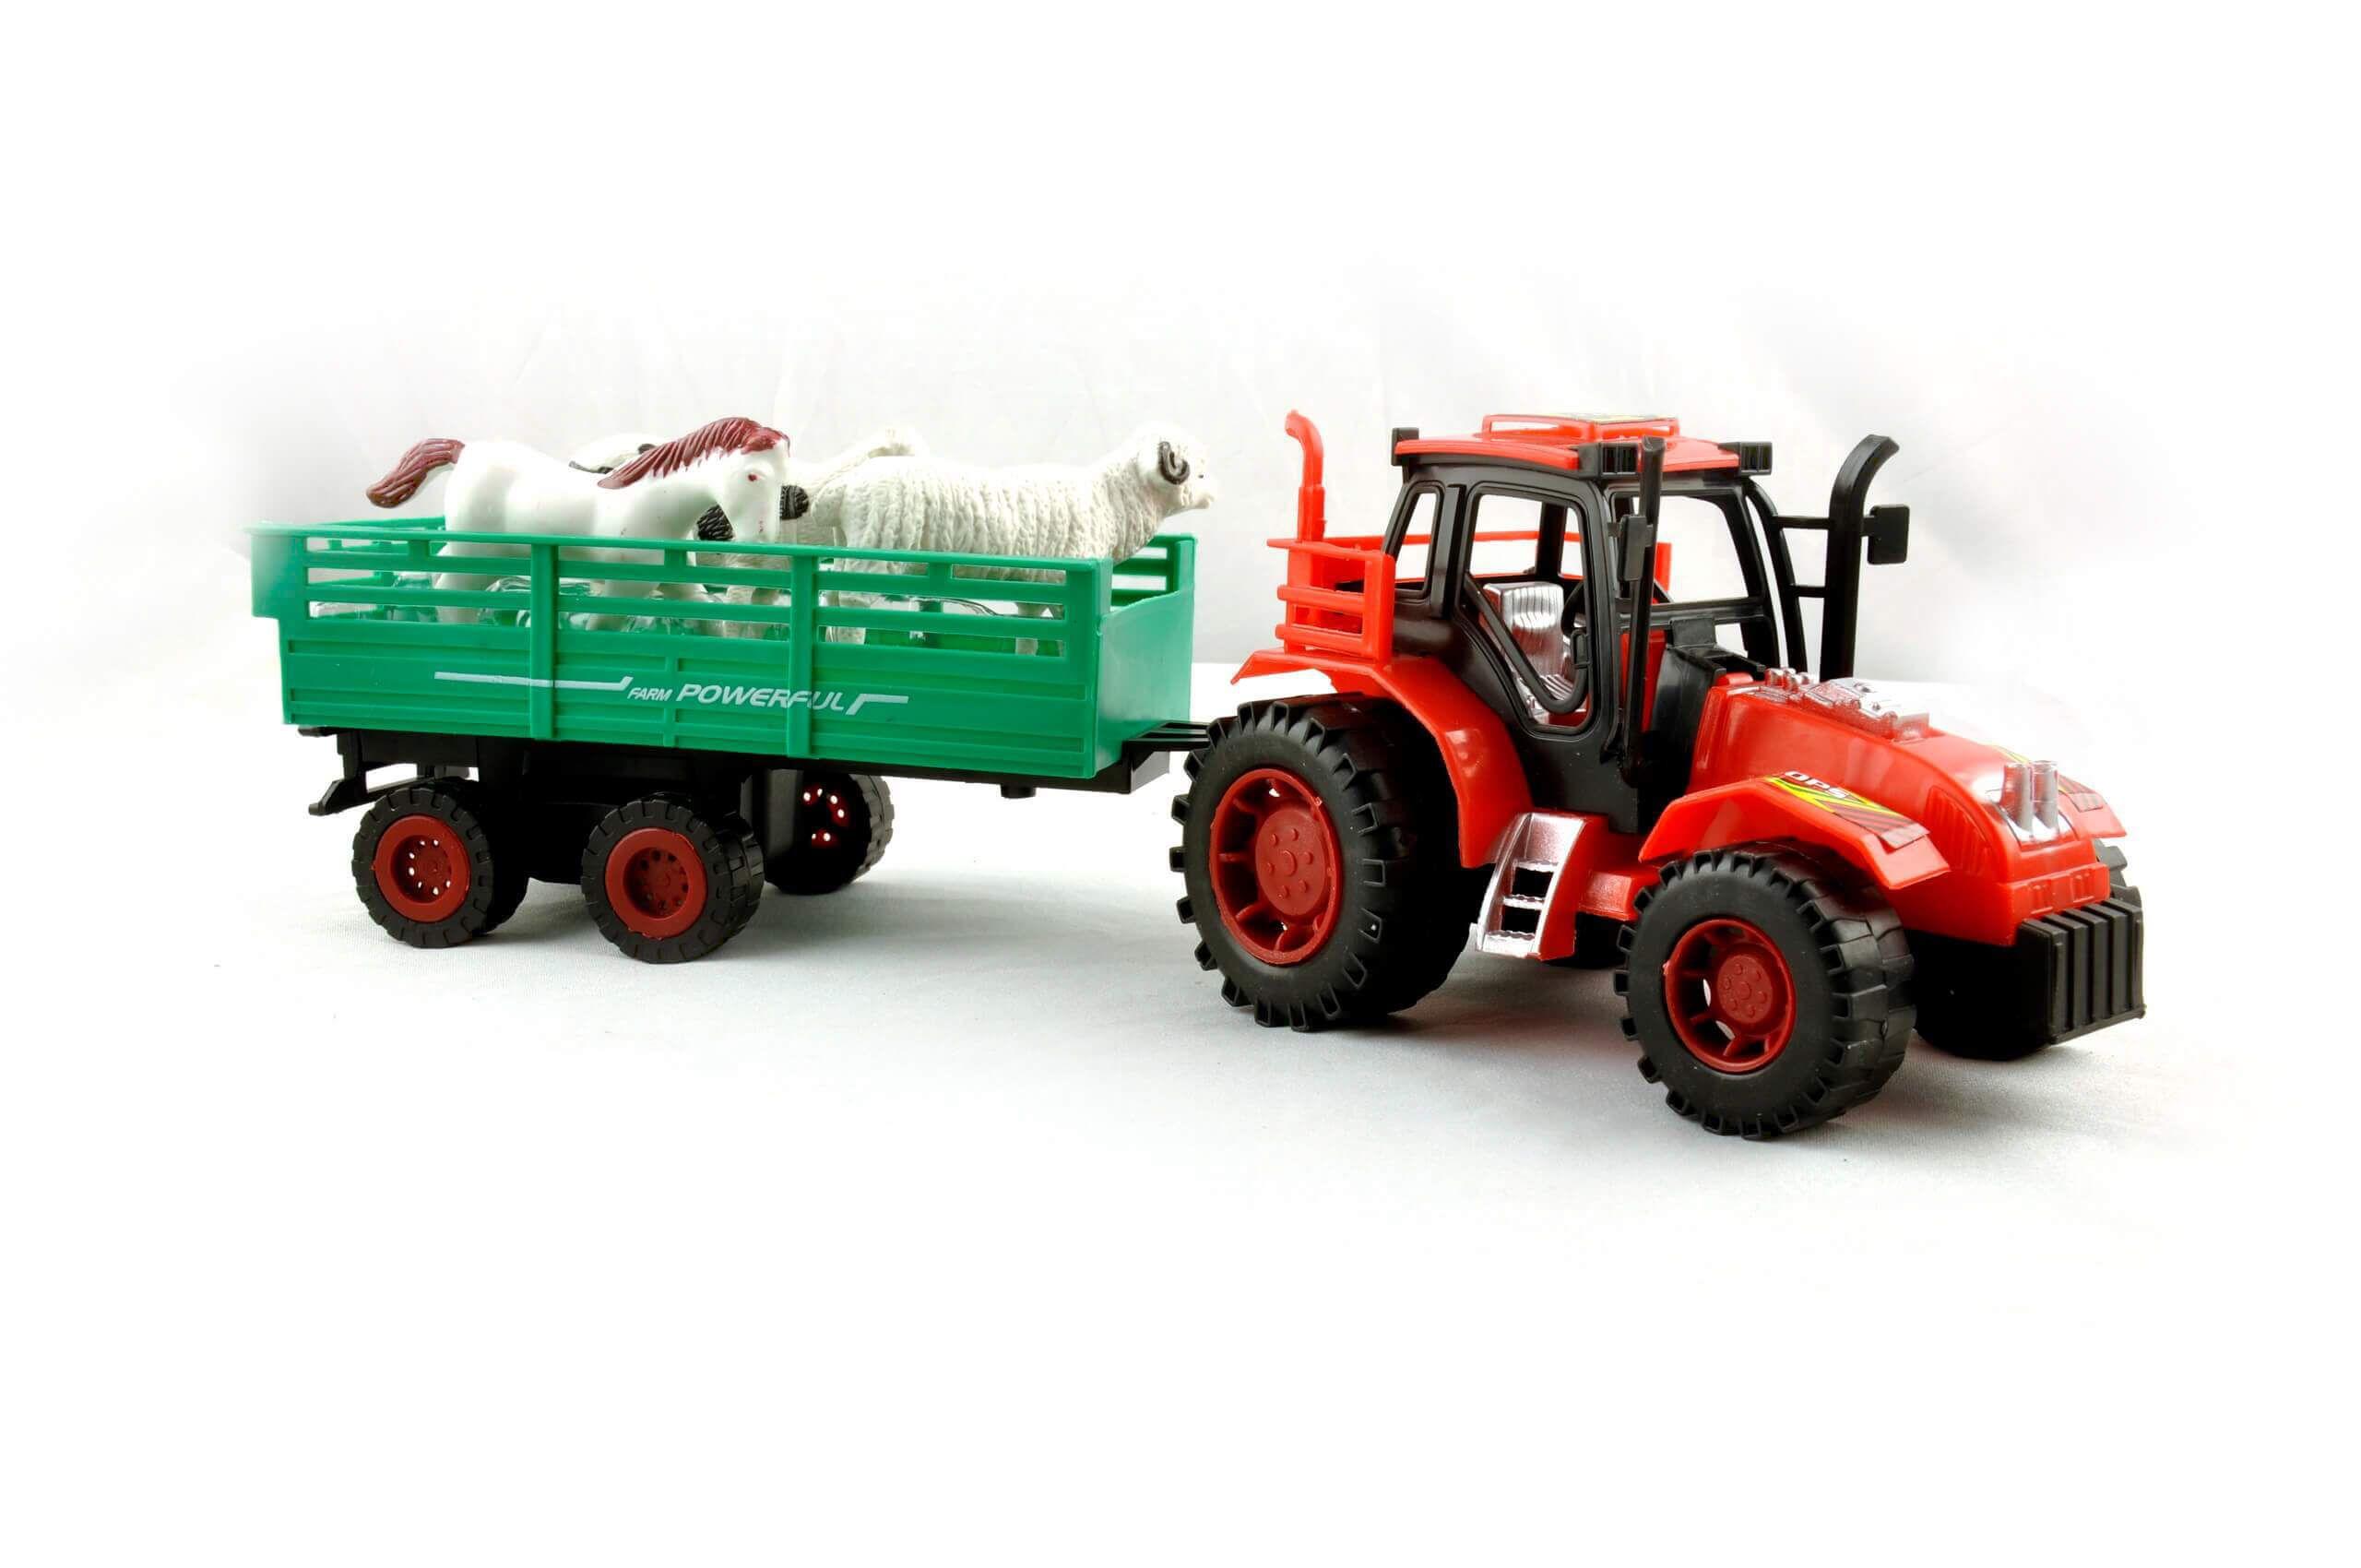 KidzFan™ Farmer Friction Tractor Trolley Toy for Kids